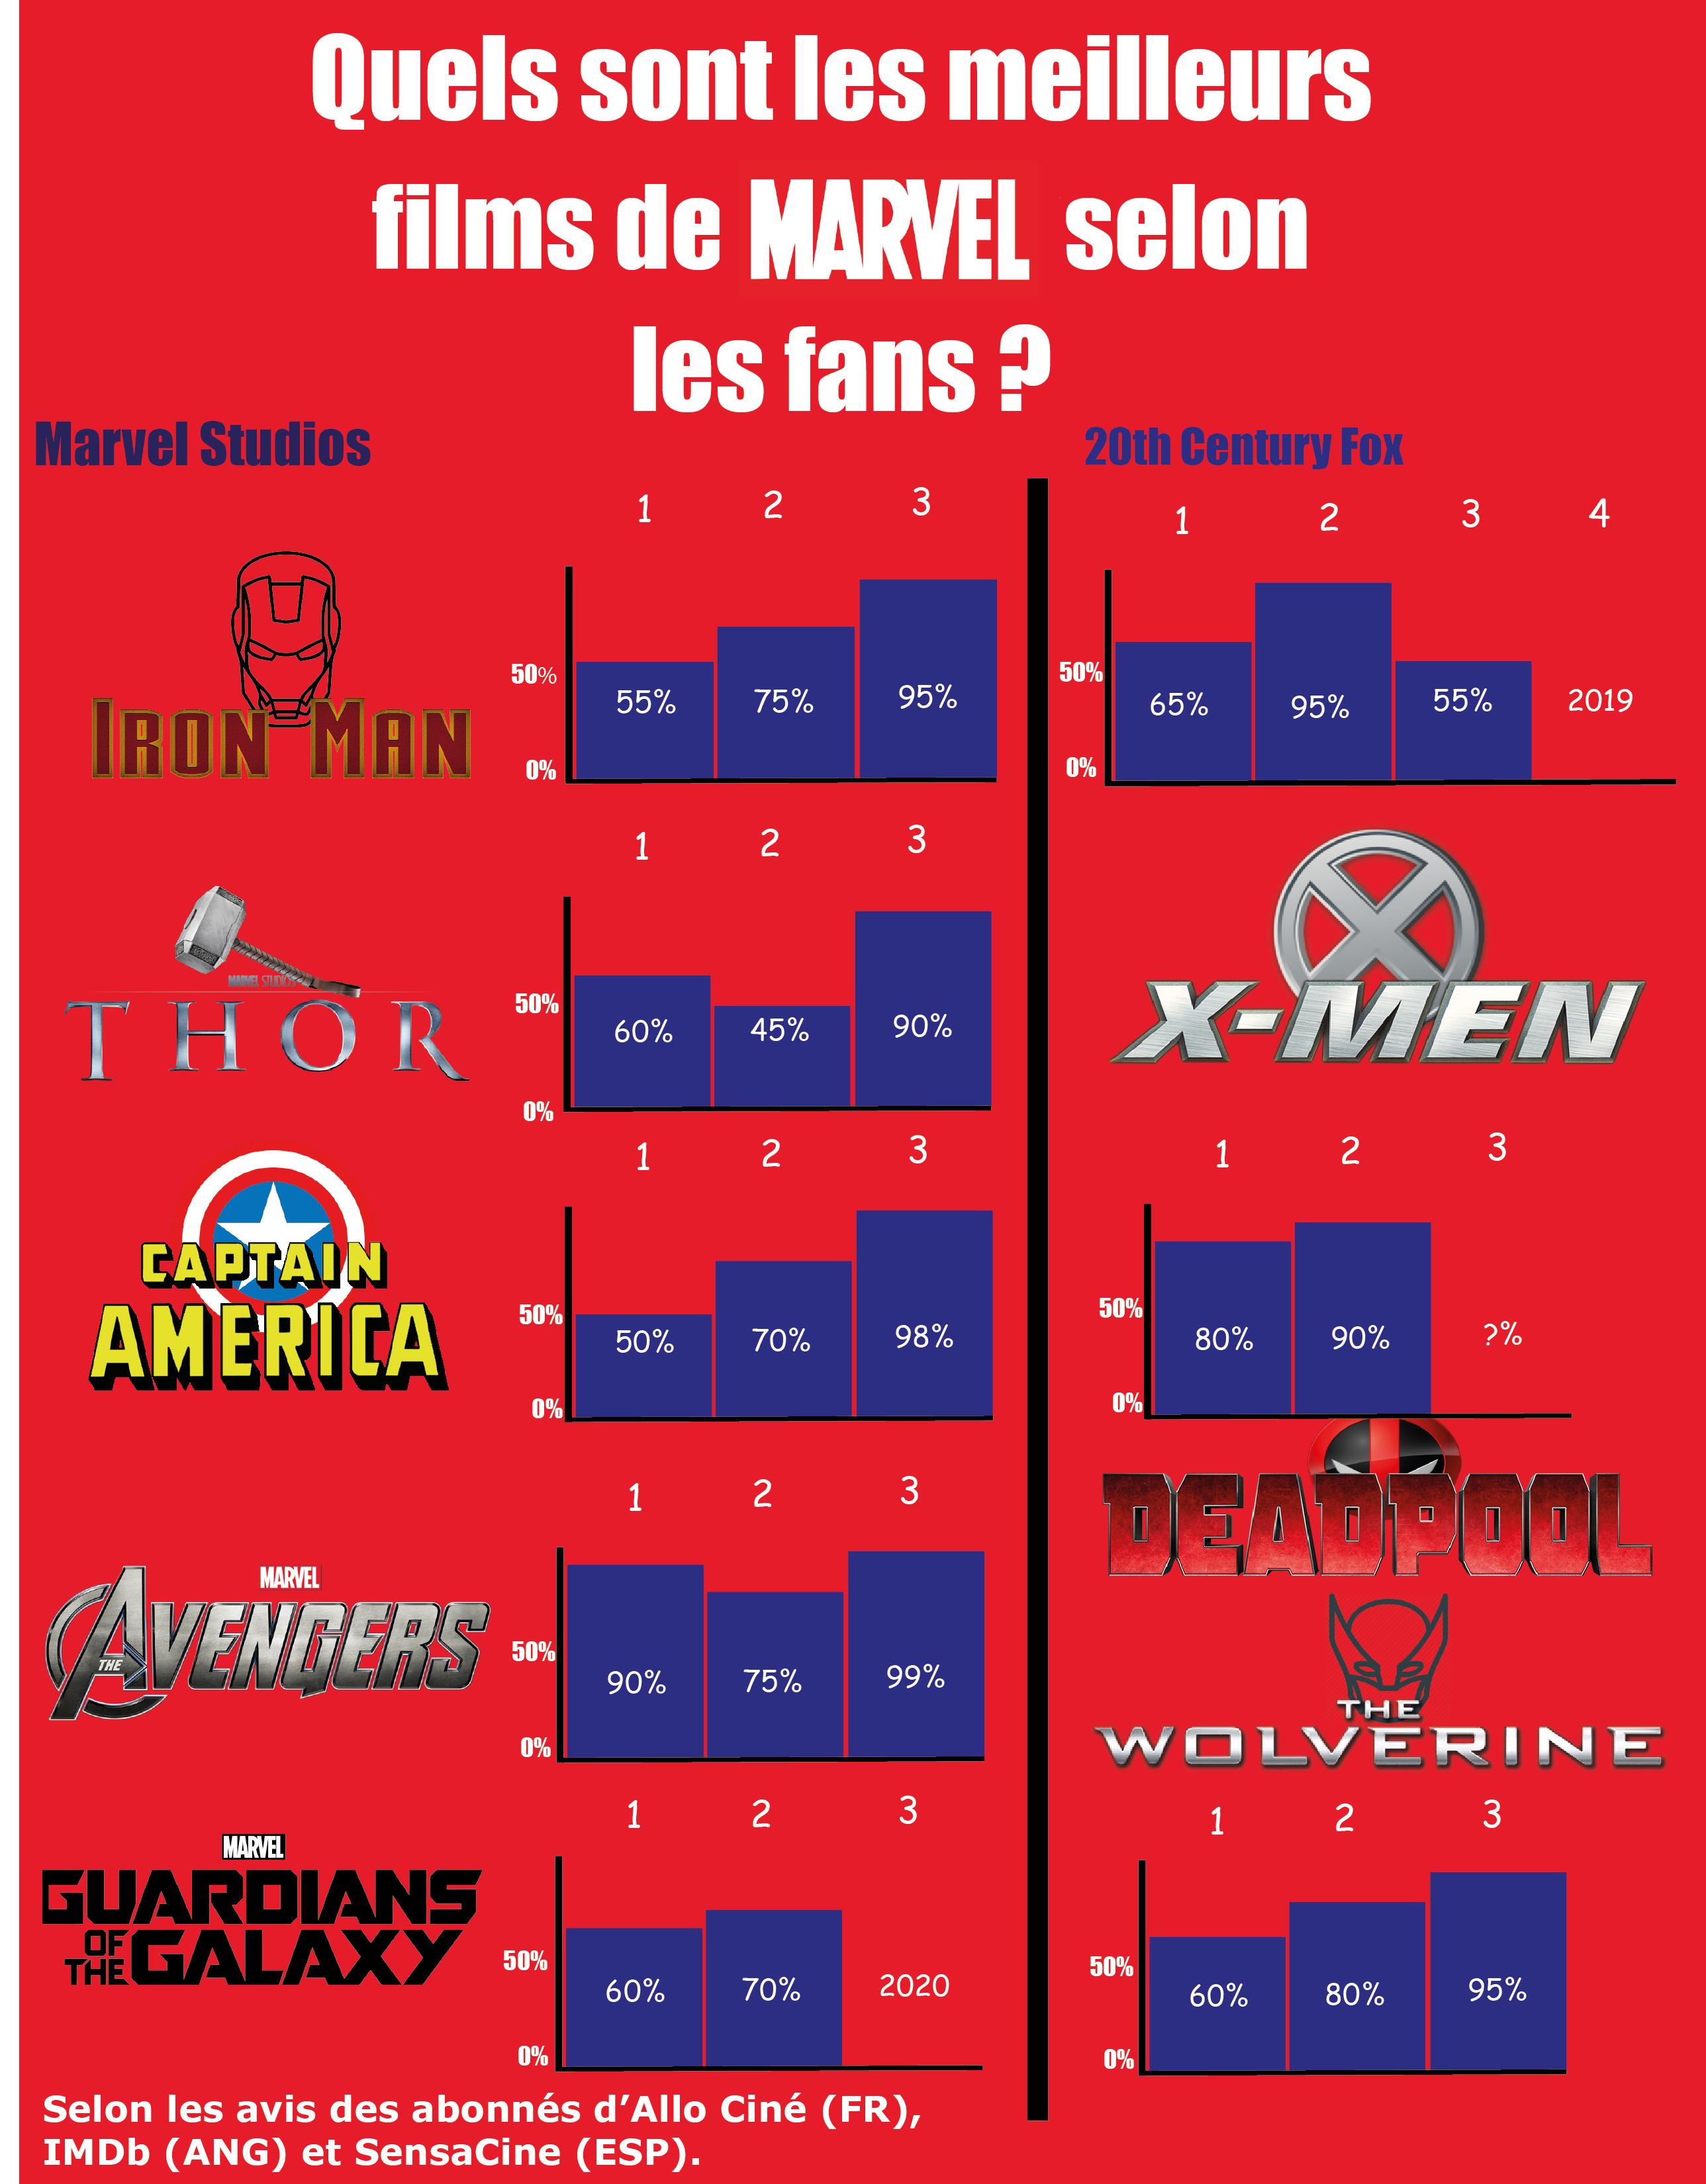 Quels sont les meilleurs films de Marvel ?